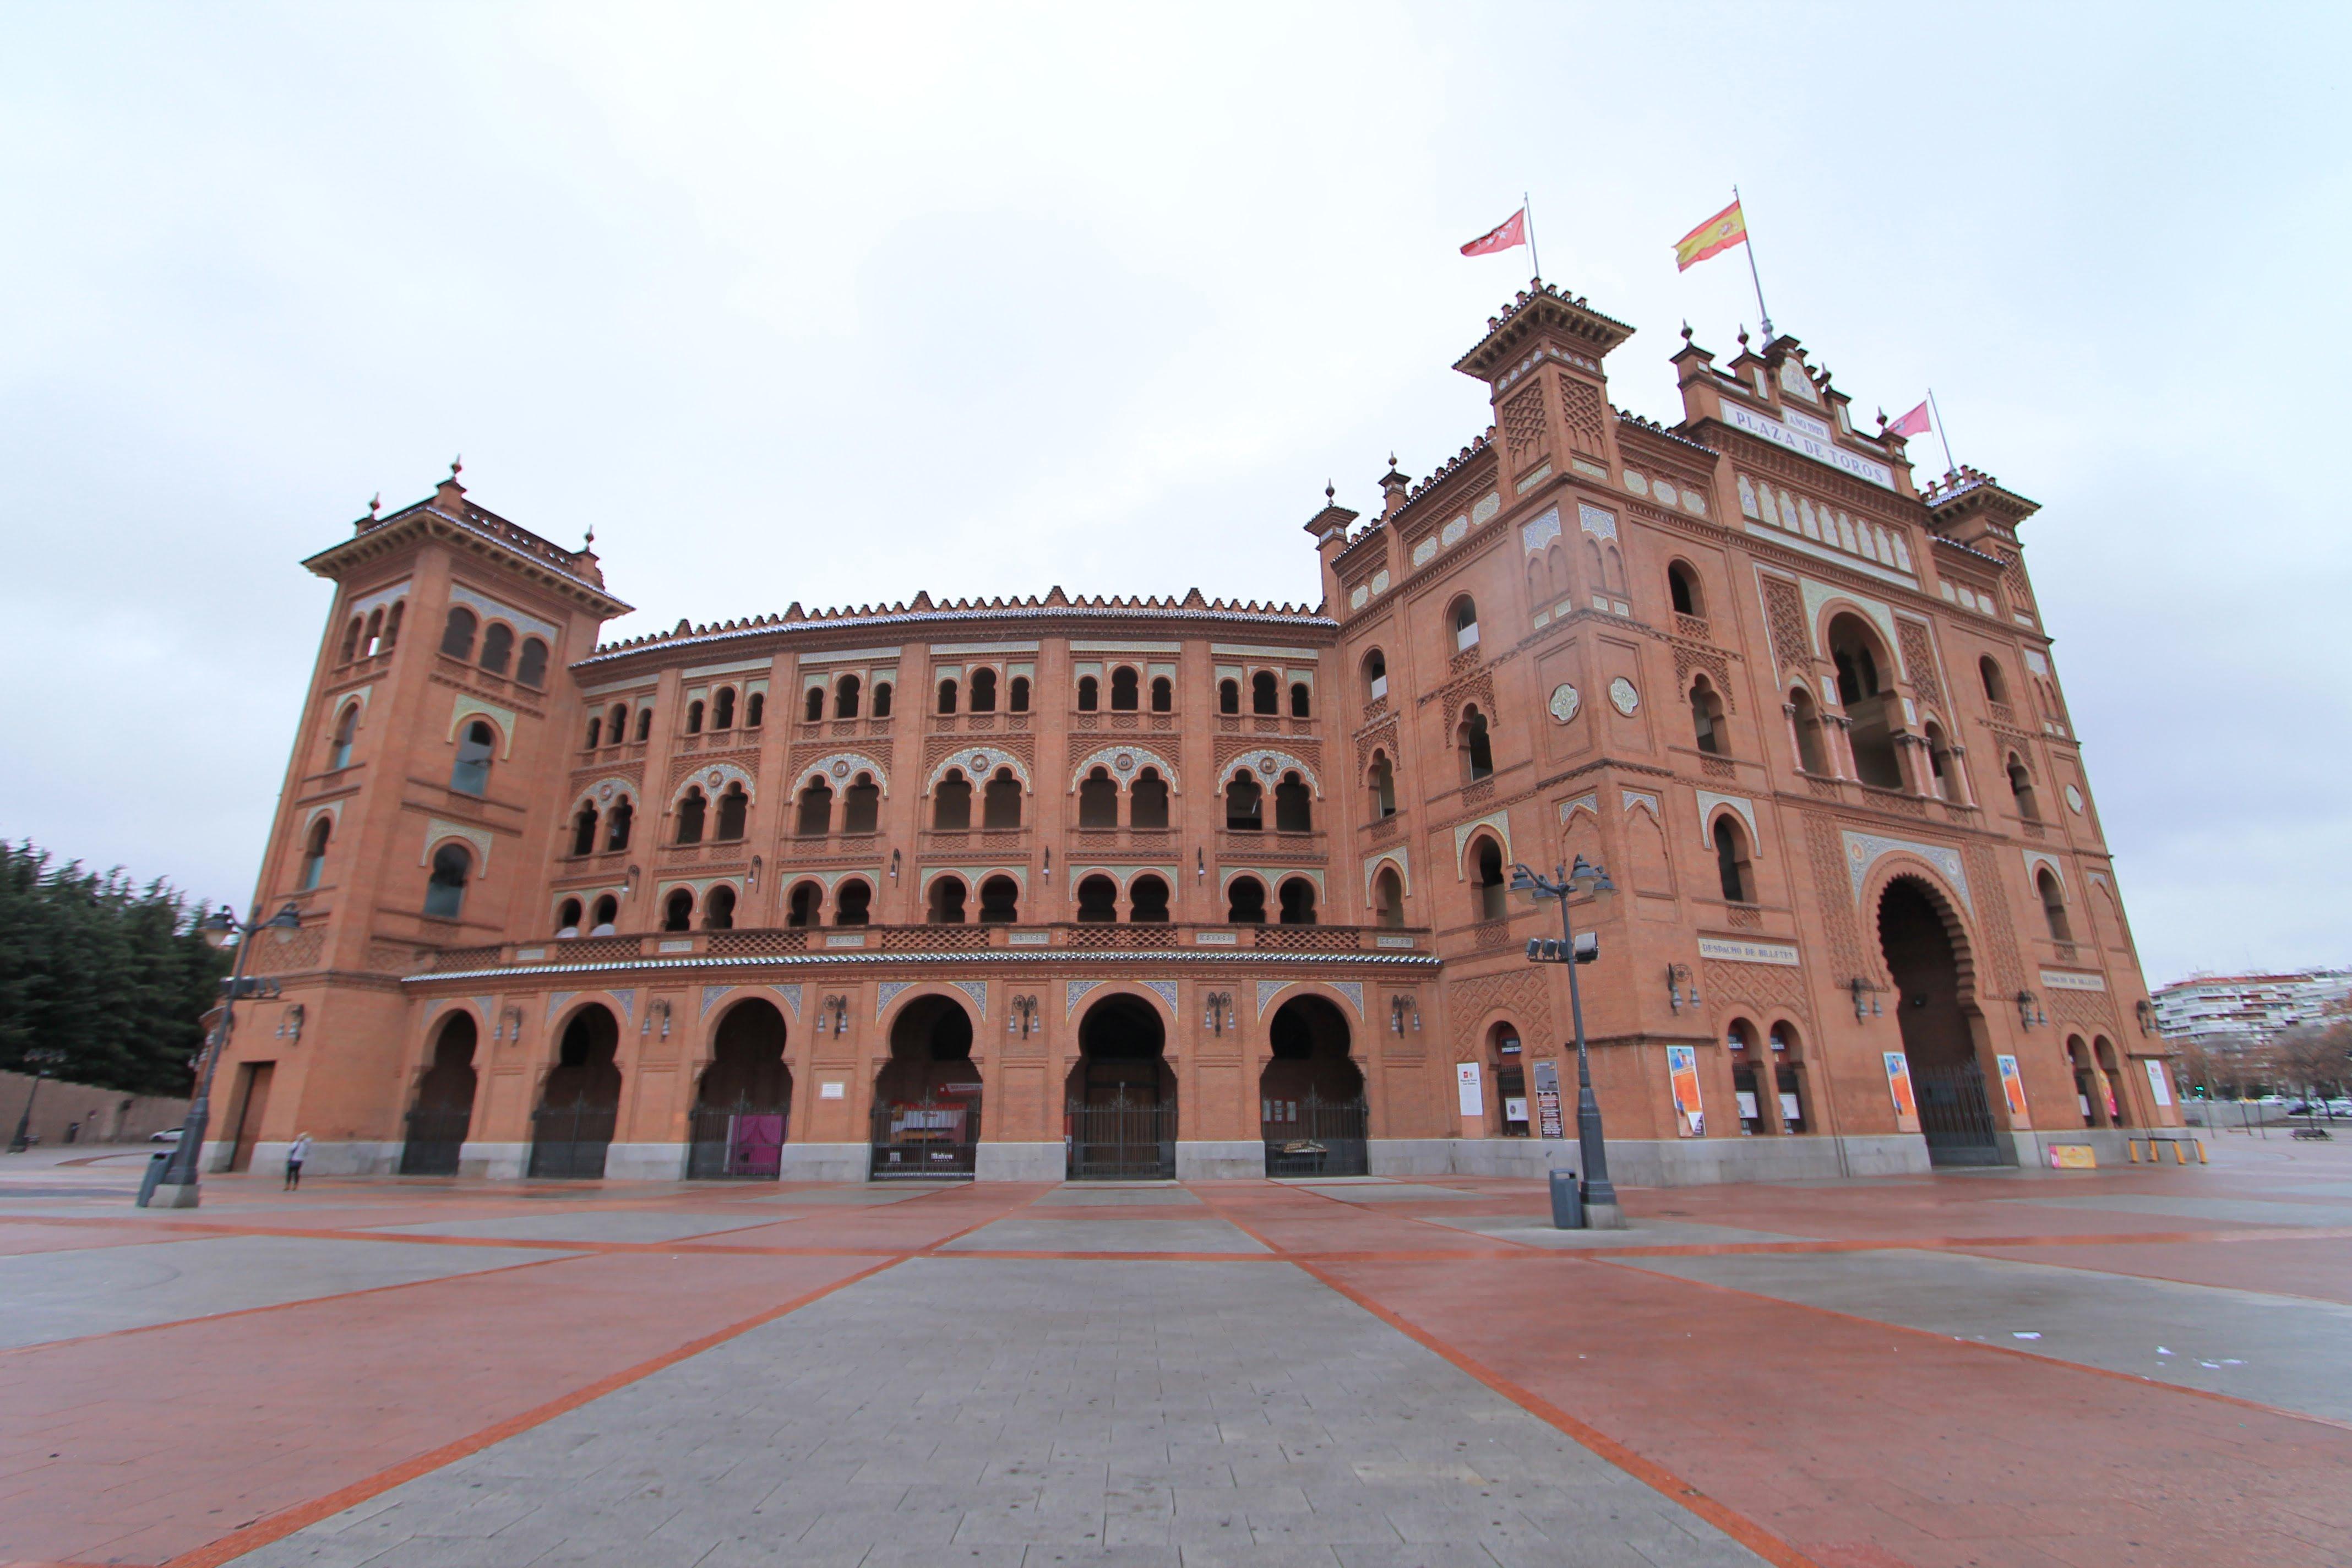 MADRID COSA VEDERE IN UN GIORNO, PLAZA DE TOROS